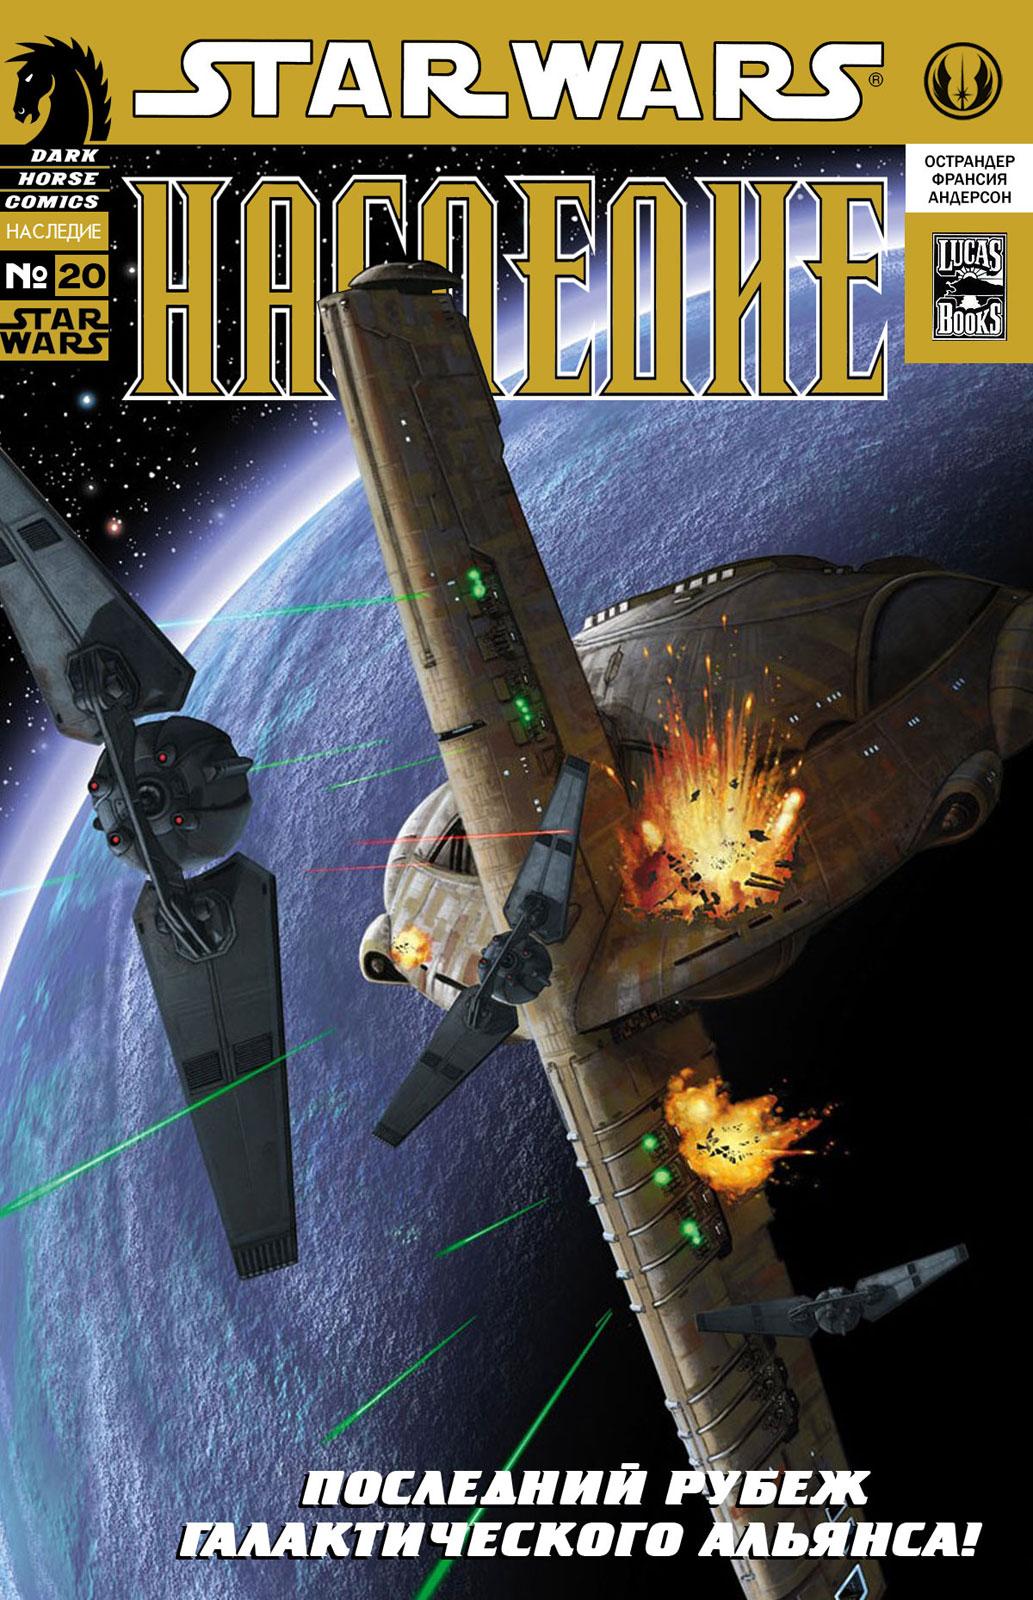 Звёздные войны. Наследие 20: Неукротимые, часть 1